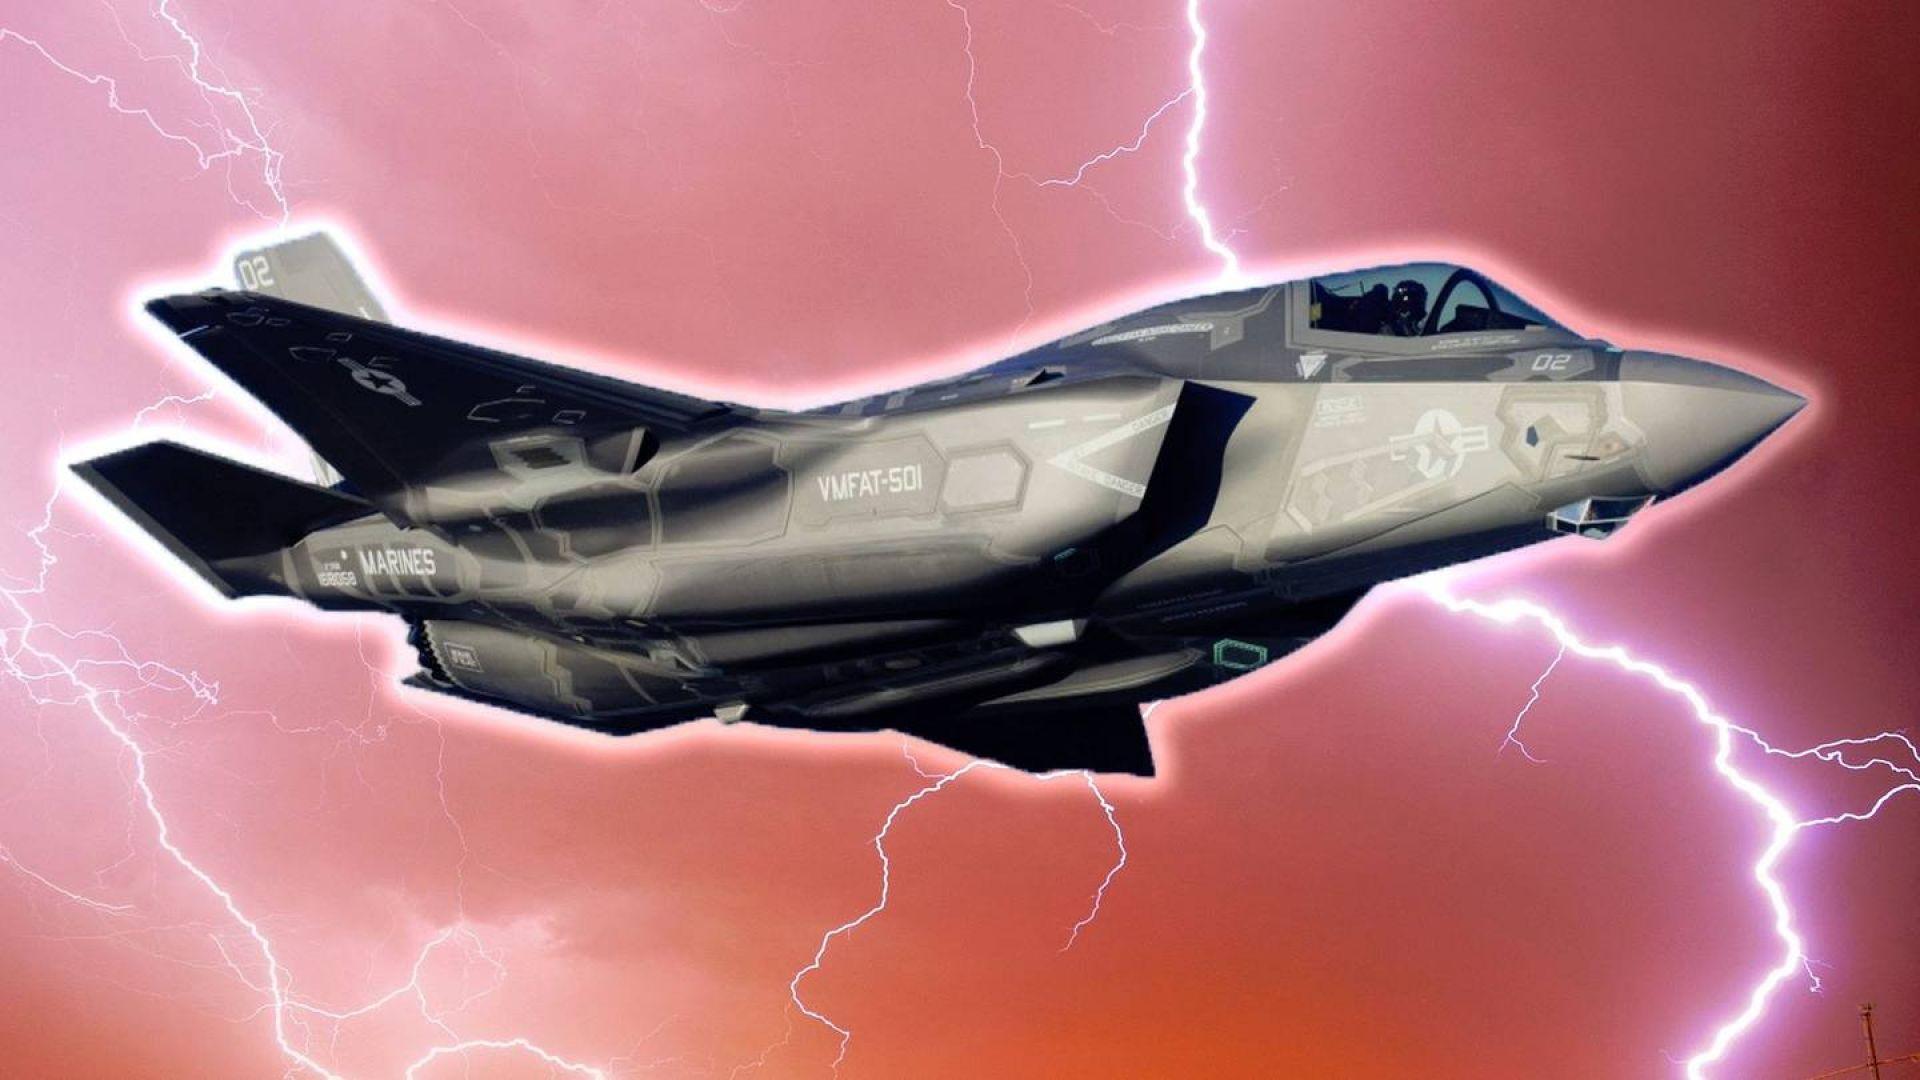 Мълнии могат да унищожат най-модерния американски самолет